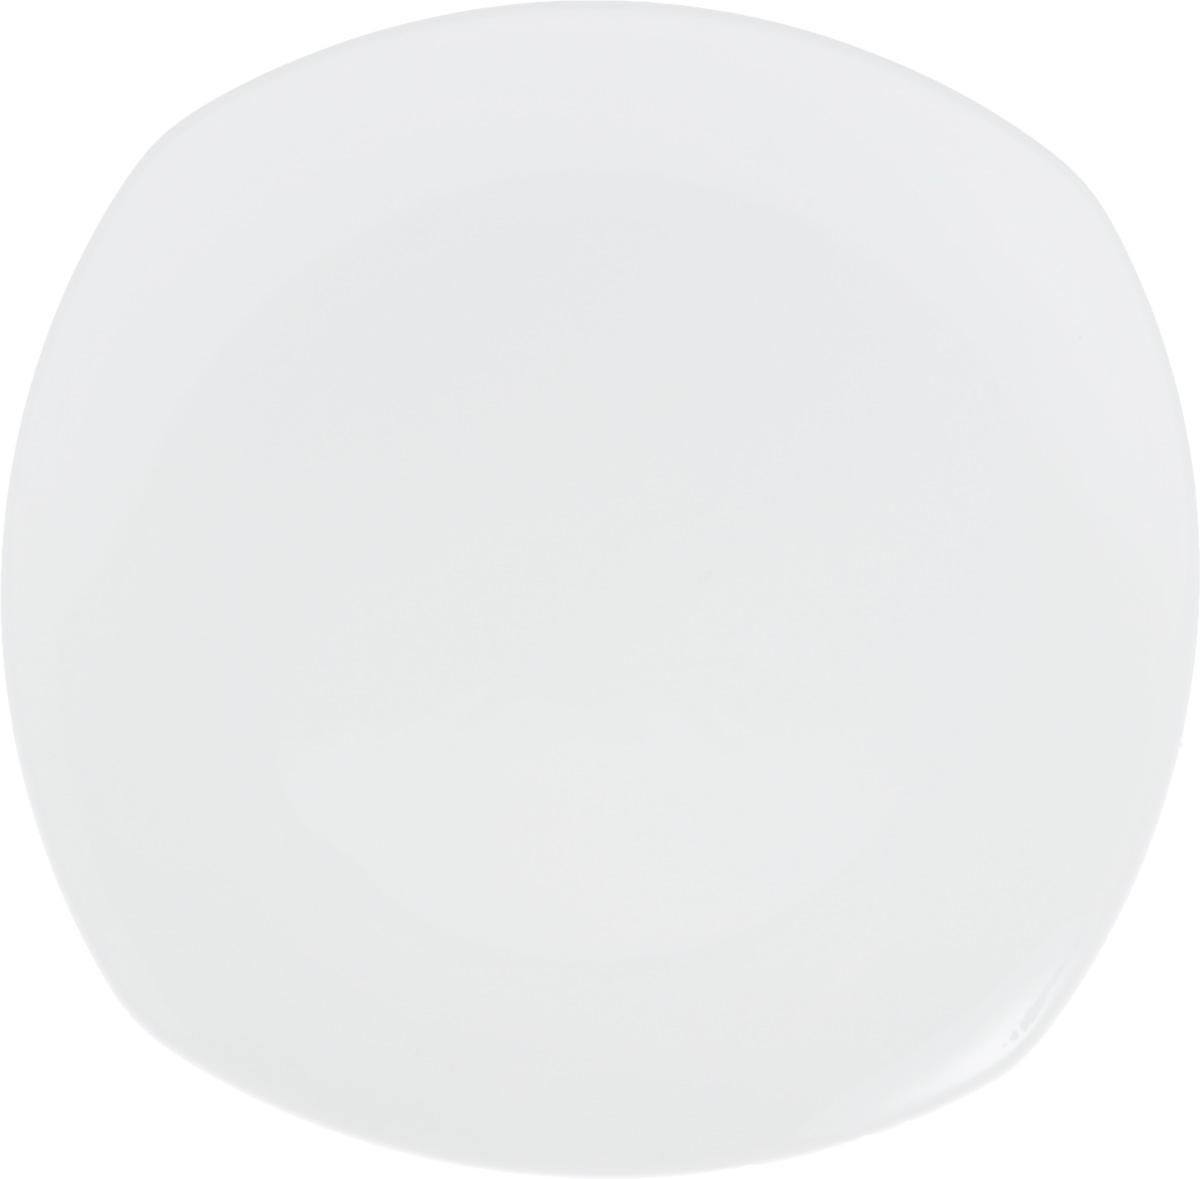 """Оригинальное блюдо """"Wilmax"""", изготовленное из  высококачественного фарфора, прекрасно подойдет для подачи  нарезок, закусок и других блюд. Оно украсит ваш кухонный стол,  а также станет замечательным подарком к любому празднику.  Размер блюда (по верхнему краю): 29,5 х 29,5 см."""